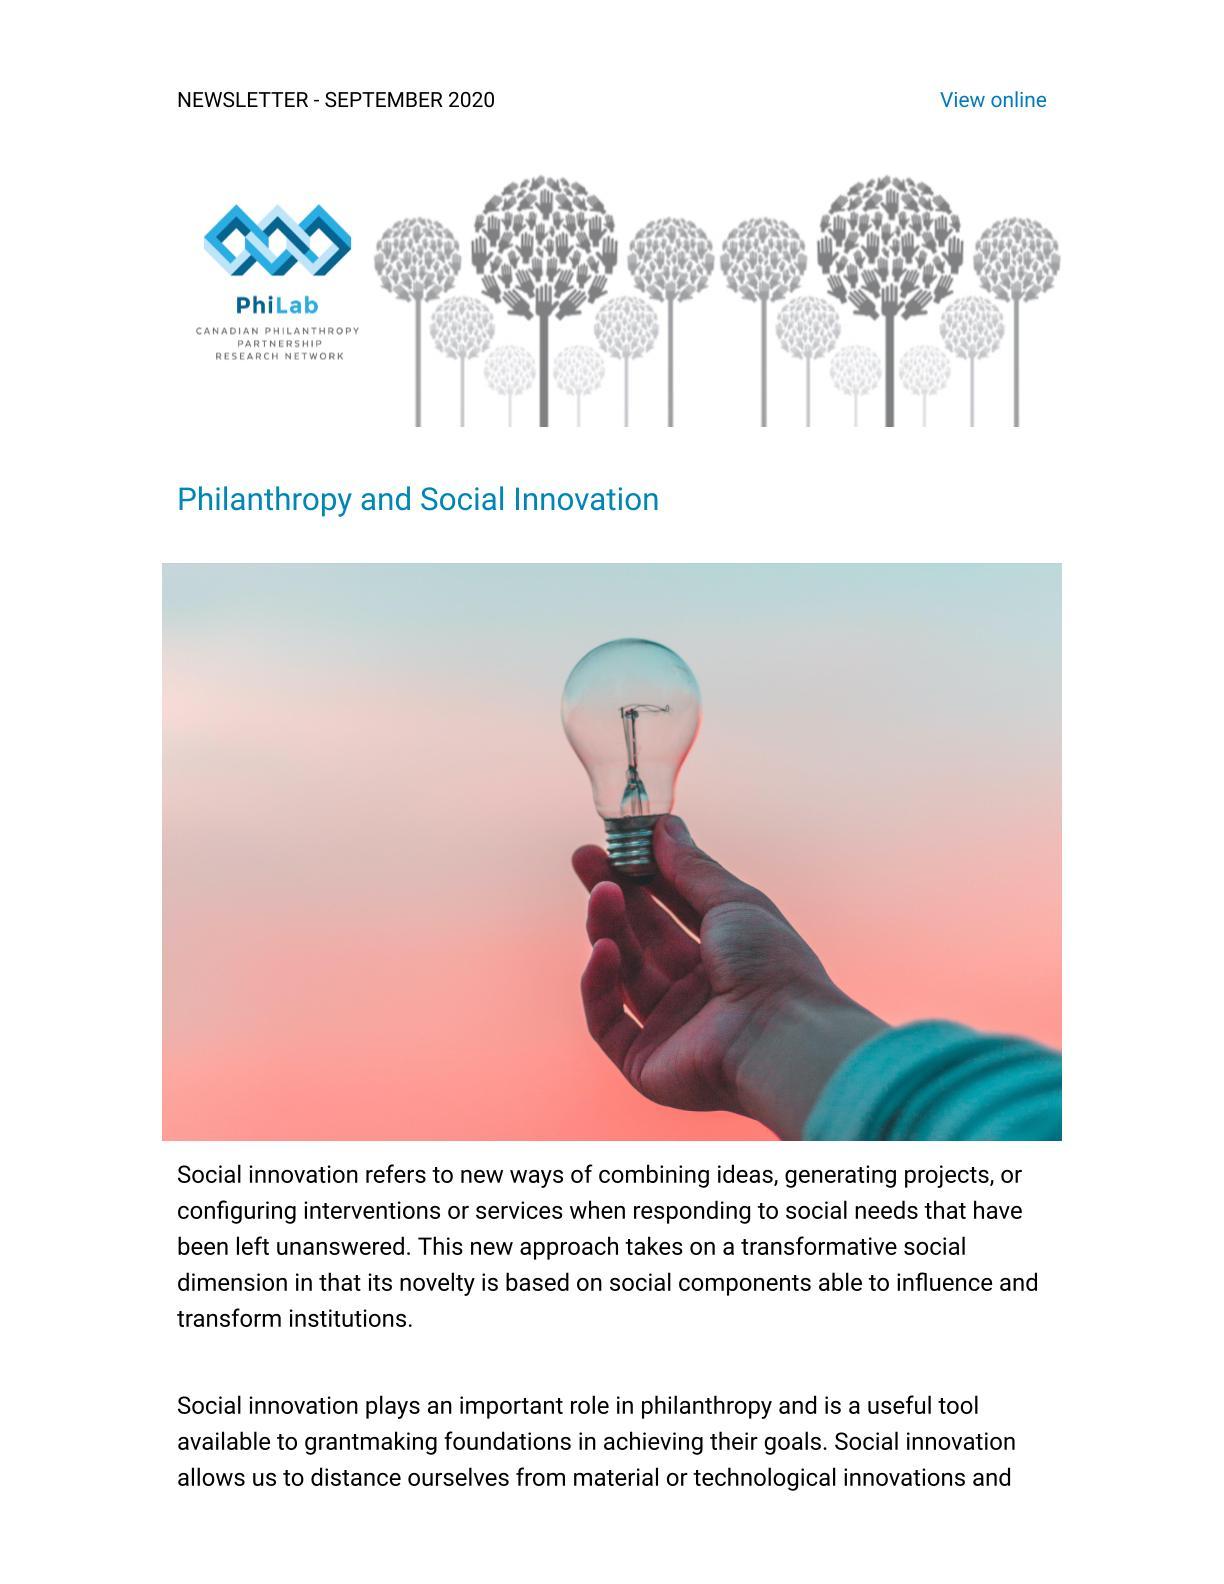 Philanthropy & Social Innovation